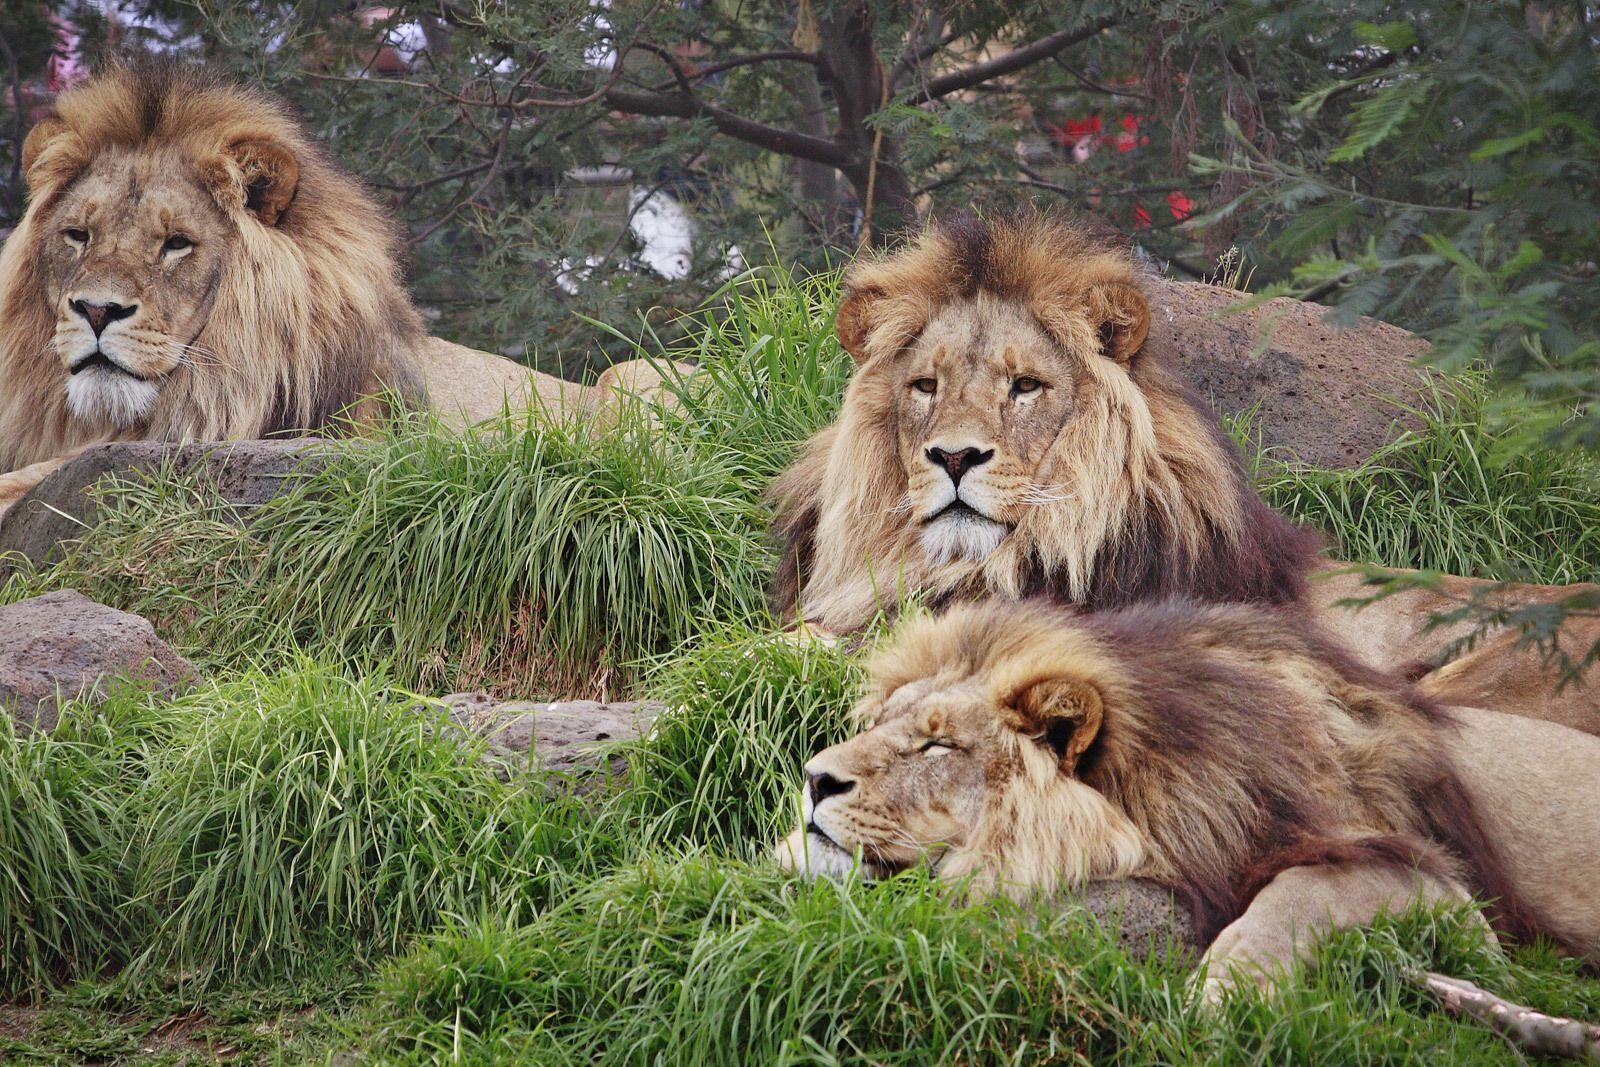 Lion Wallpaper disney trip Lion wallpaper Lion images Lions 1600x1067